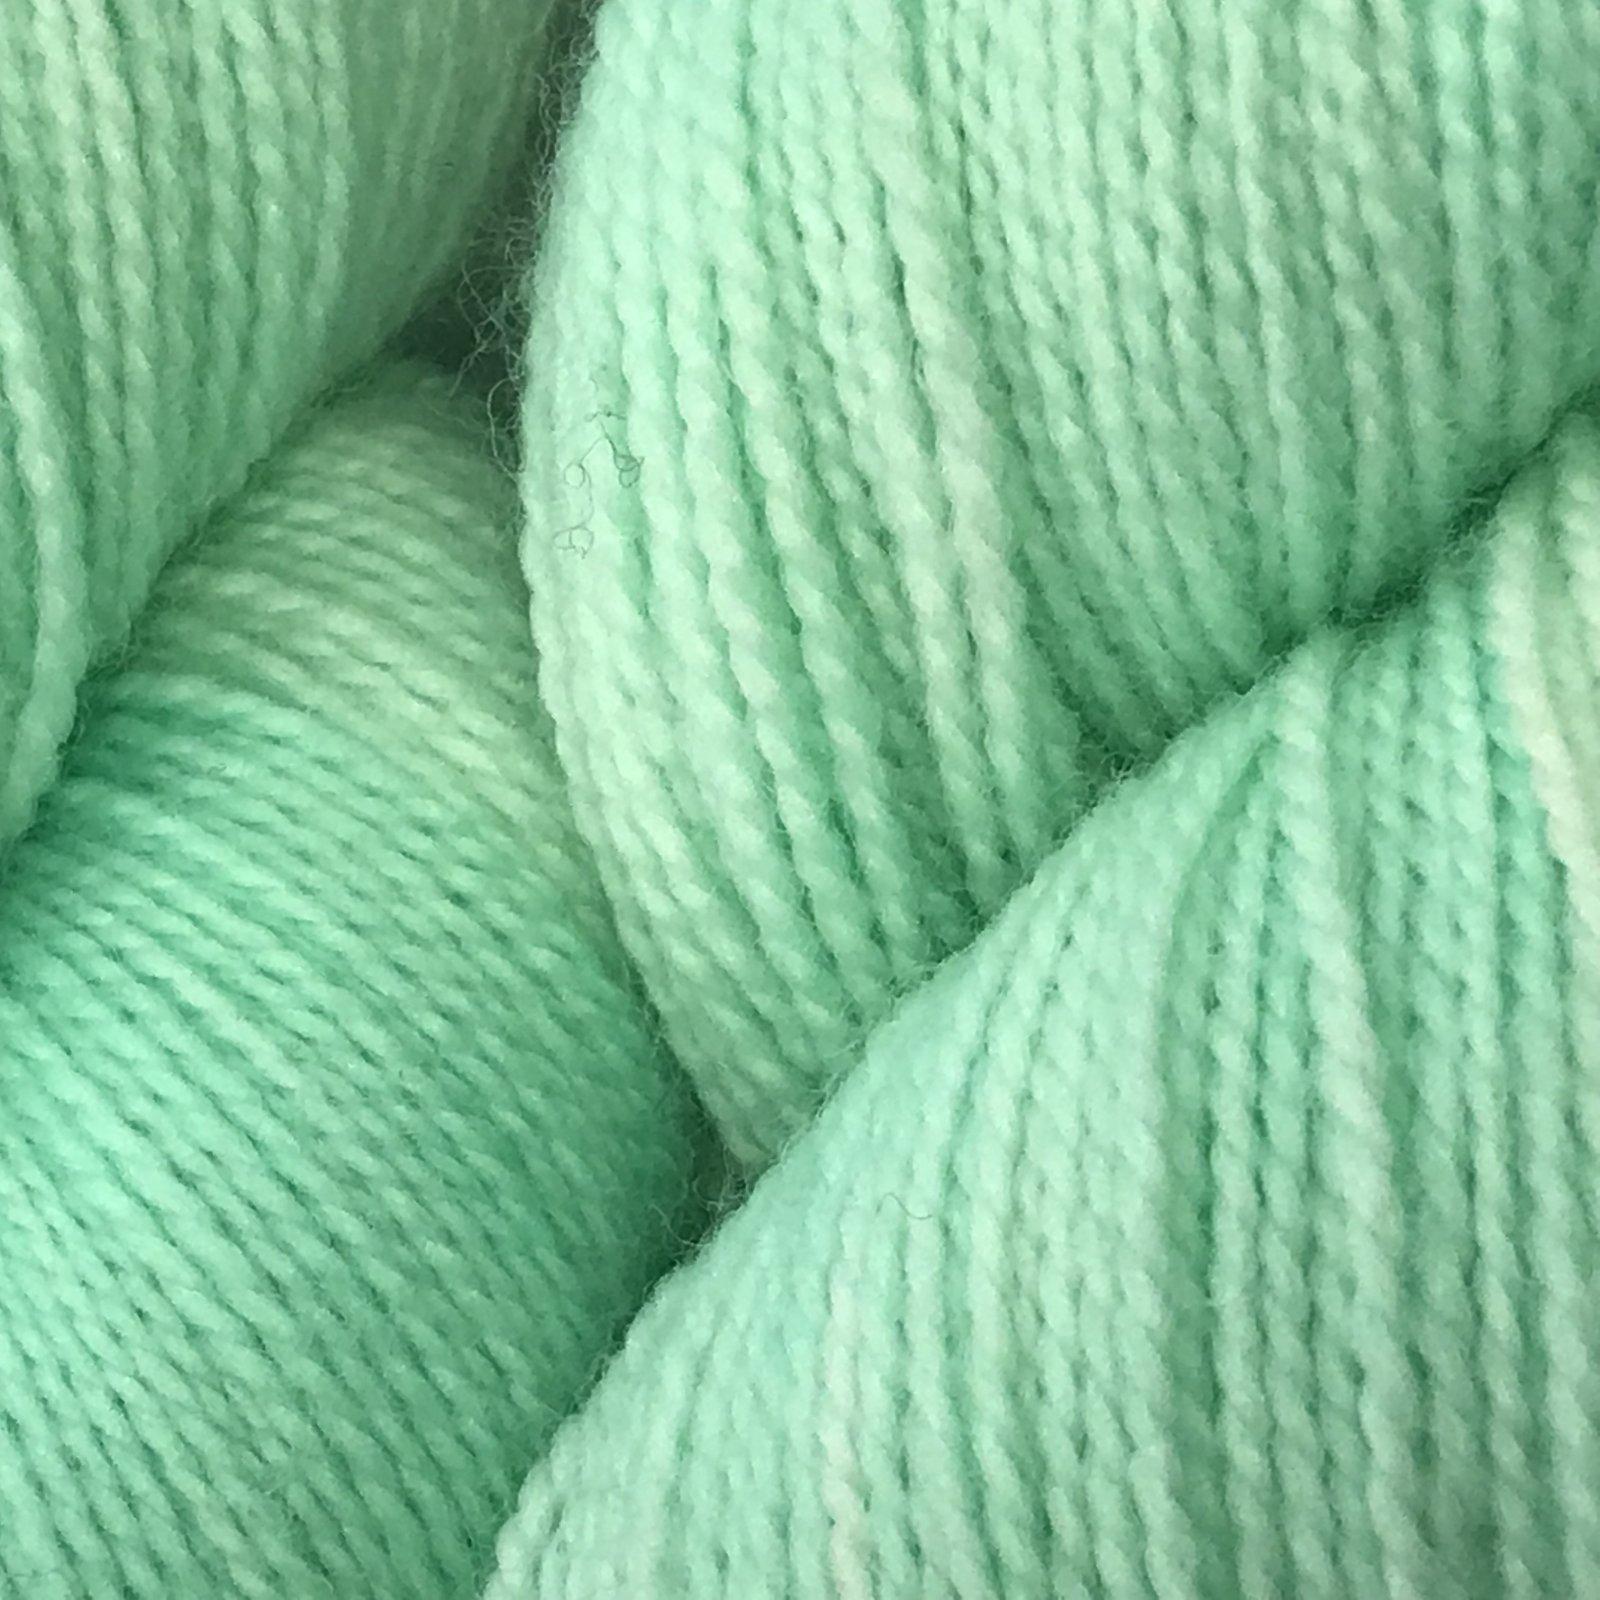 Stitch Together - Twisted Sock - Glow Worm